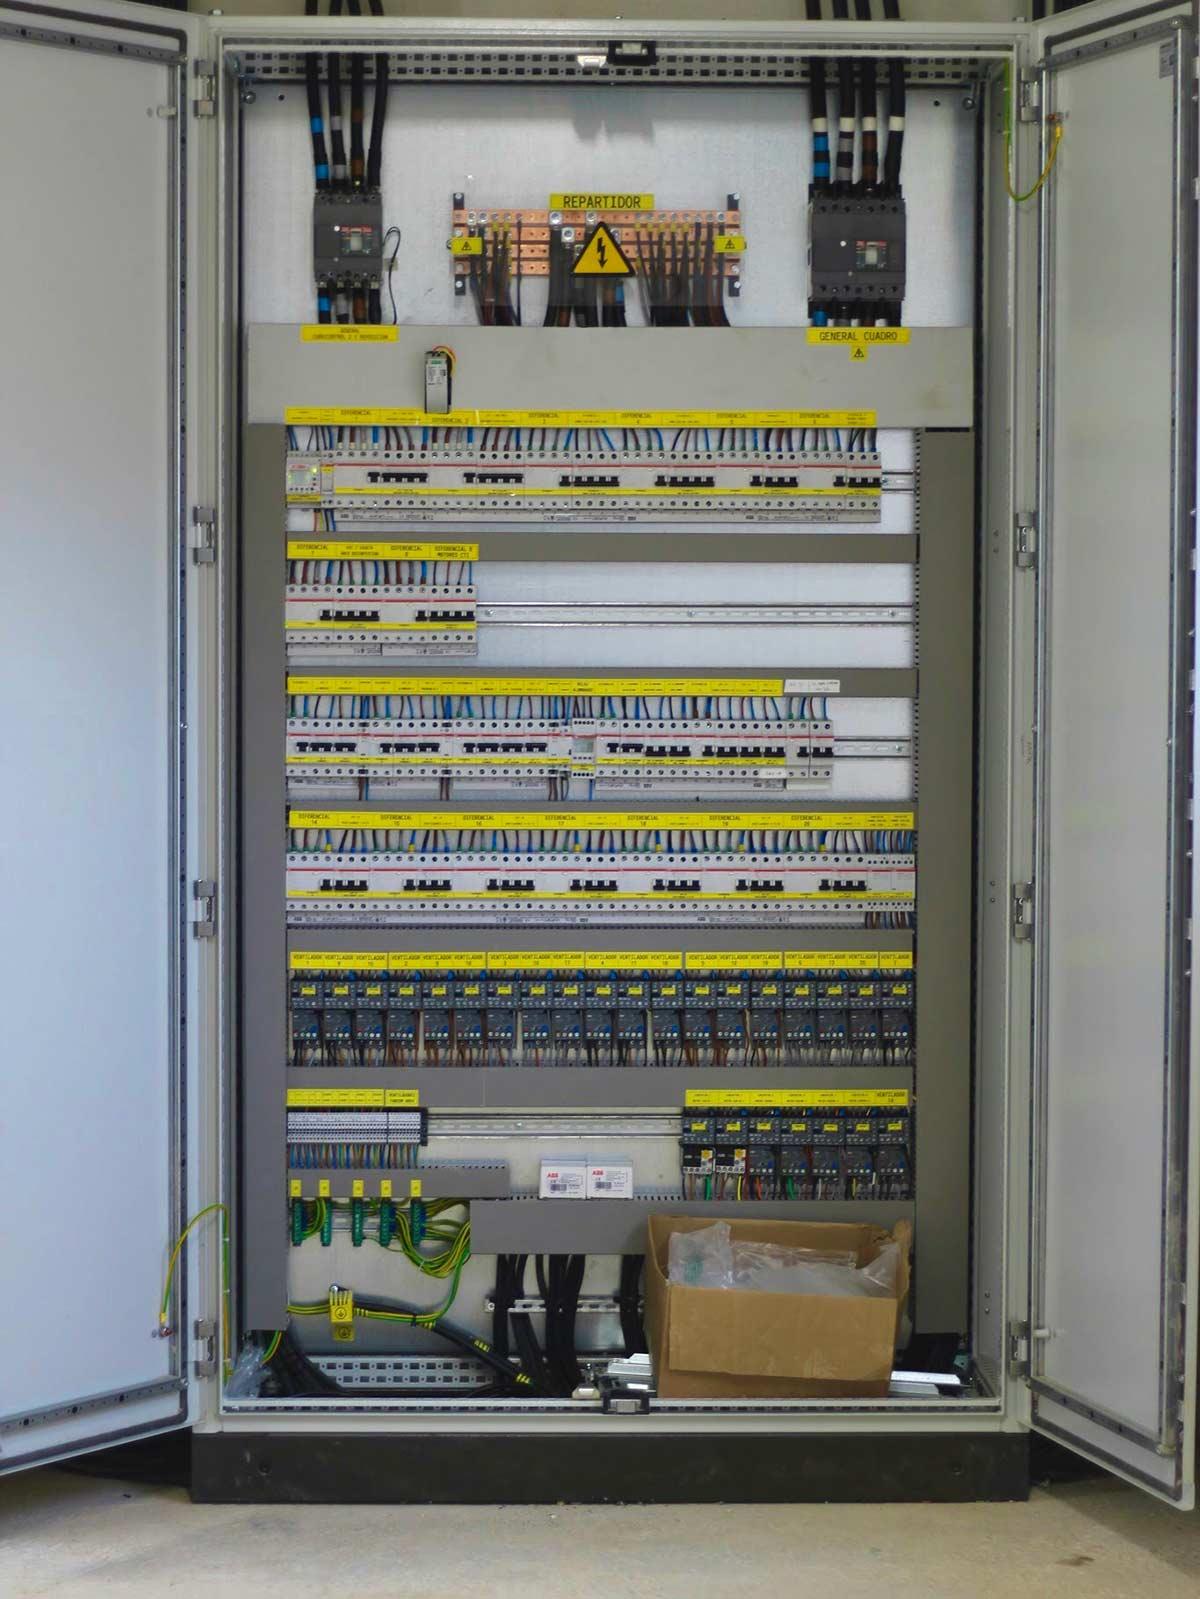 instalación electrica de baja tension 6